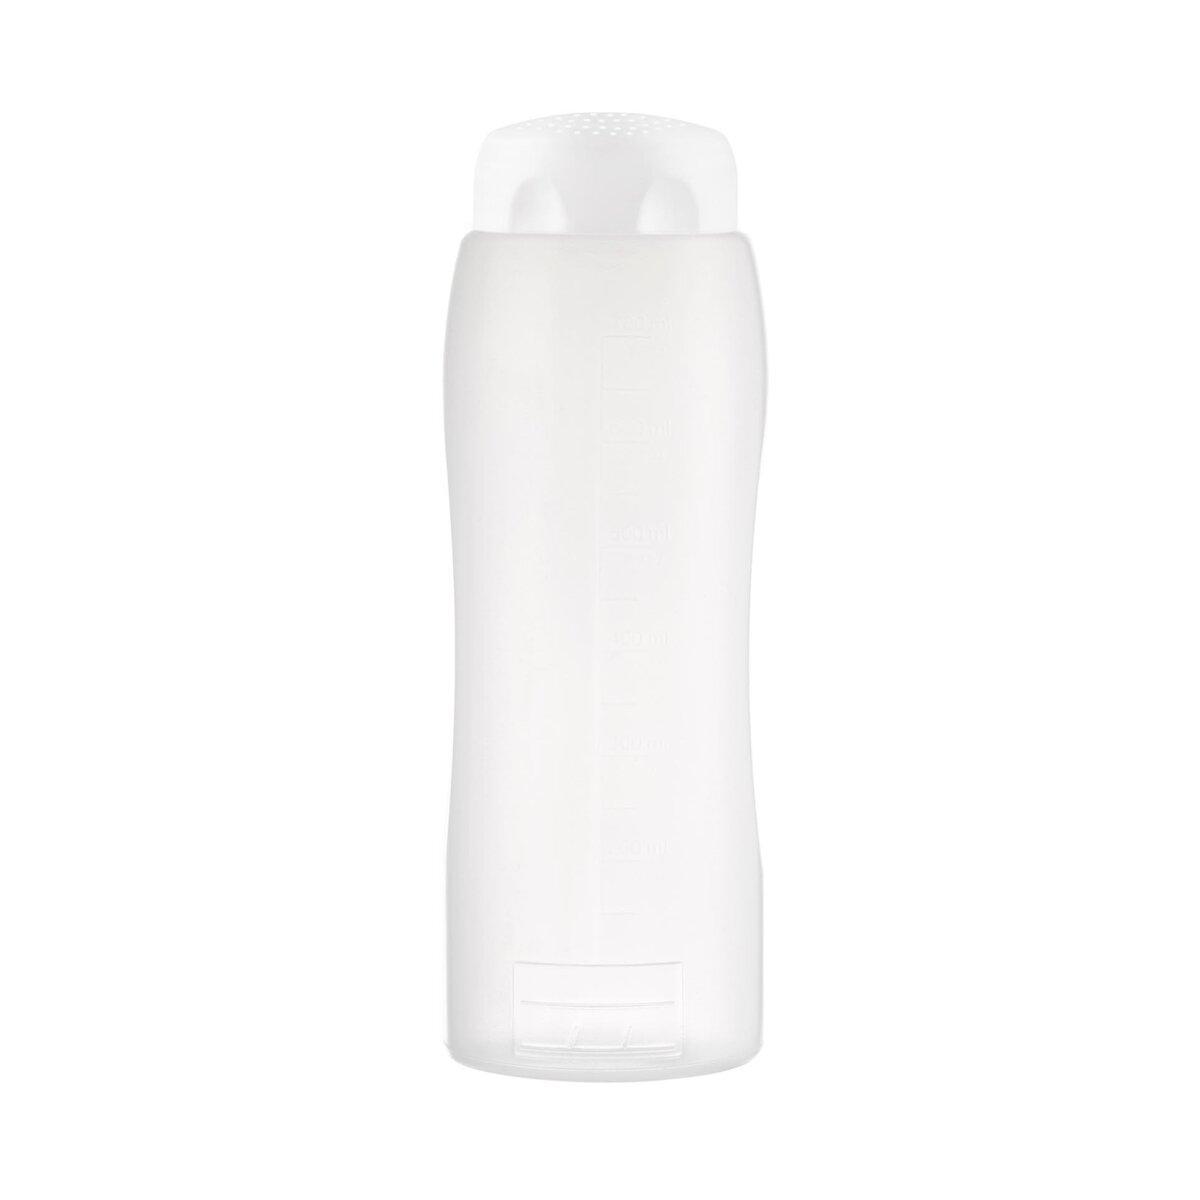 Dosierflasche mit Streuung (1)